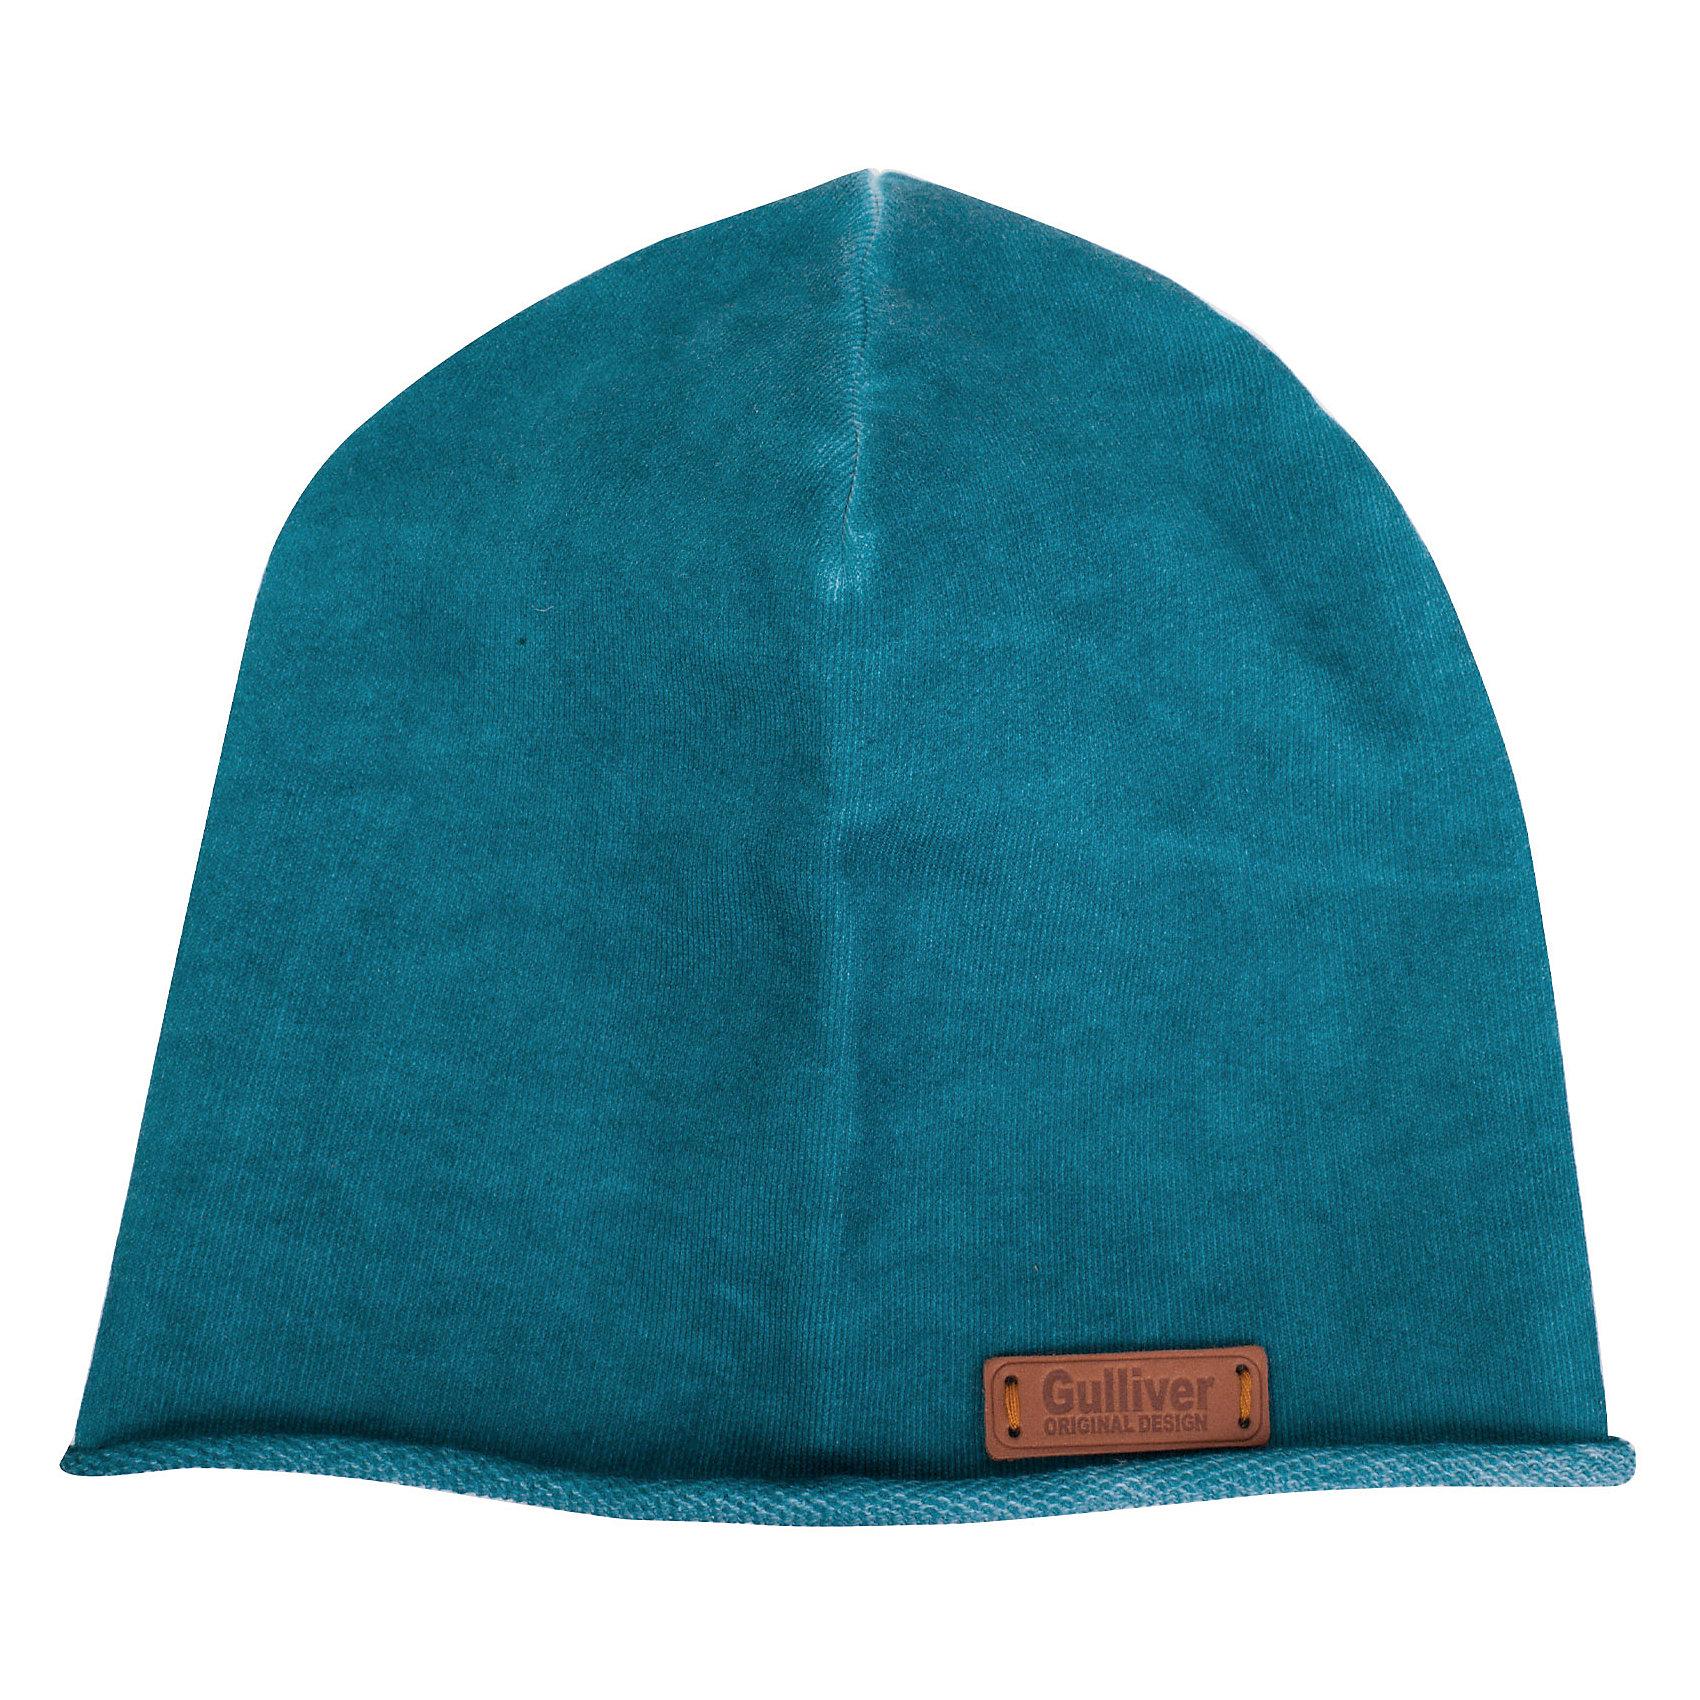 Шапка для мальчика GulliverДемисезонные<br>Стильная вязаная шапка для мальчика отлично дополнит повседневный образ ребенка. Мягкая, легкая, комфортная, она отлично разместится  в кармане пальто или куртки,  чтобы в любой момент защитить модника от непогоды и ветра.<br>Состав:<br>100% хлопок<br><br>Ширина мм: 89<br>Глубина мм: 117<br>Высота мм: 44<br>Вес г: 155<br>Цвет: голубой<br>Возраст от месяцев: 48<br>Возраст до месяцев: 60<br>Пол: Мужской<br>Возраст: Детский<br>Размер: 54,52<br>SKU: 5482853